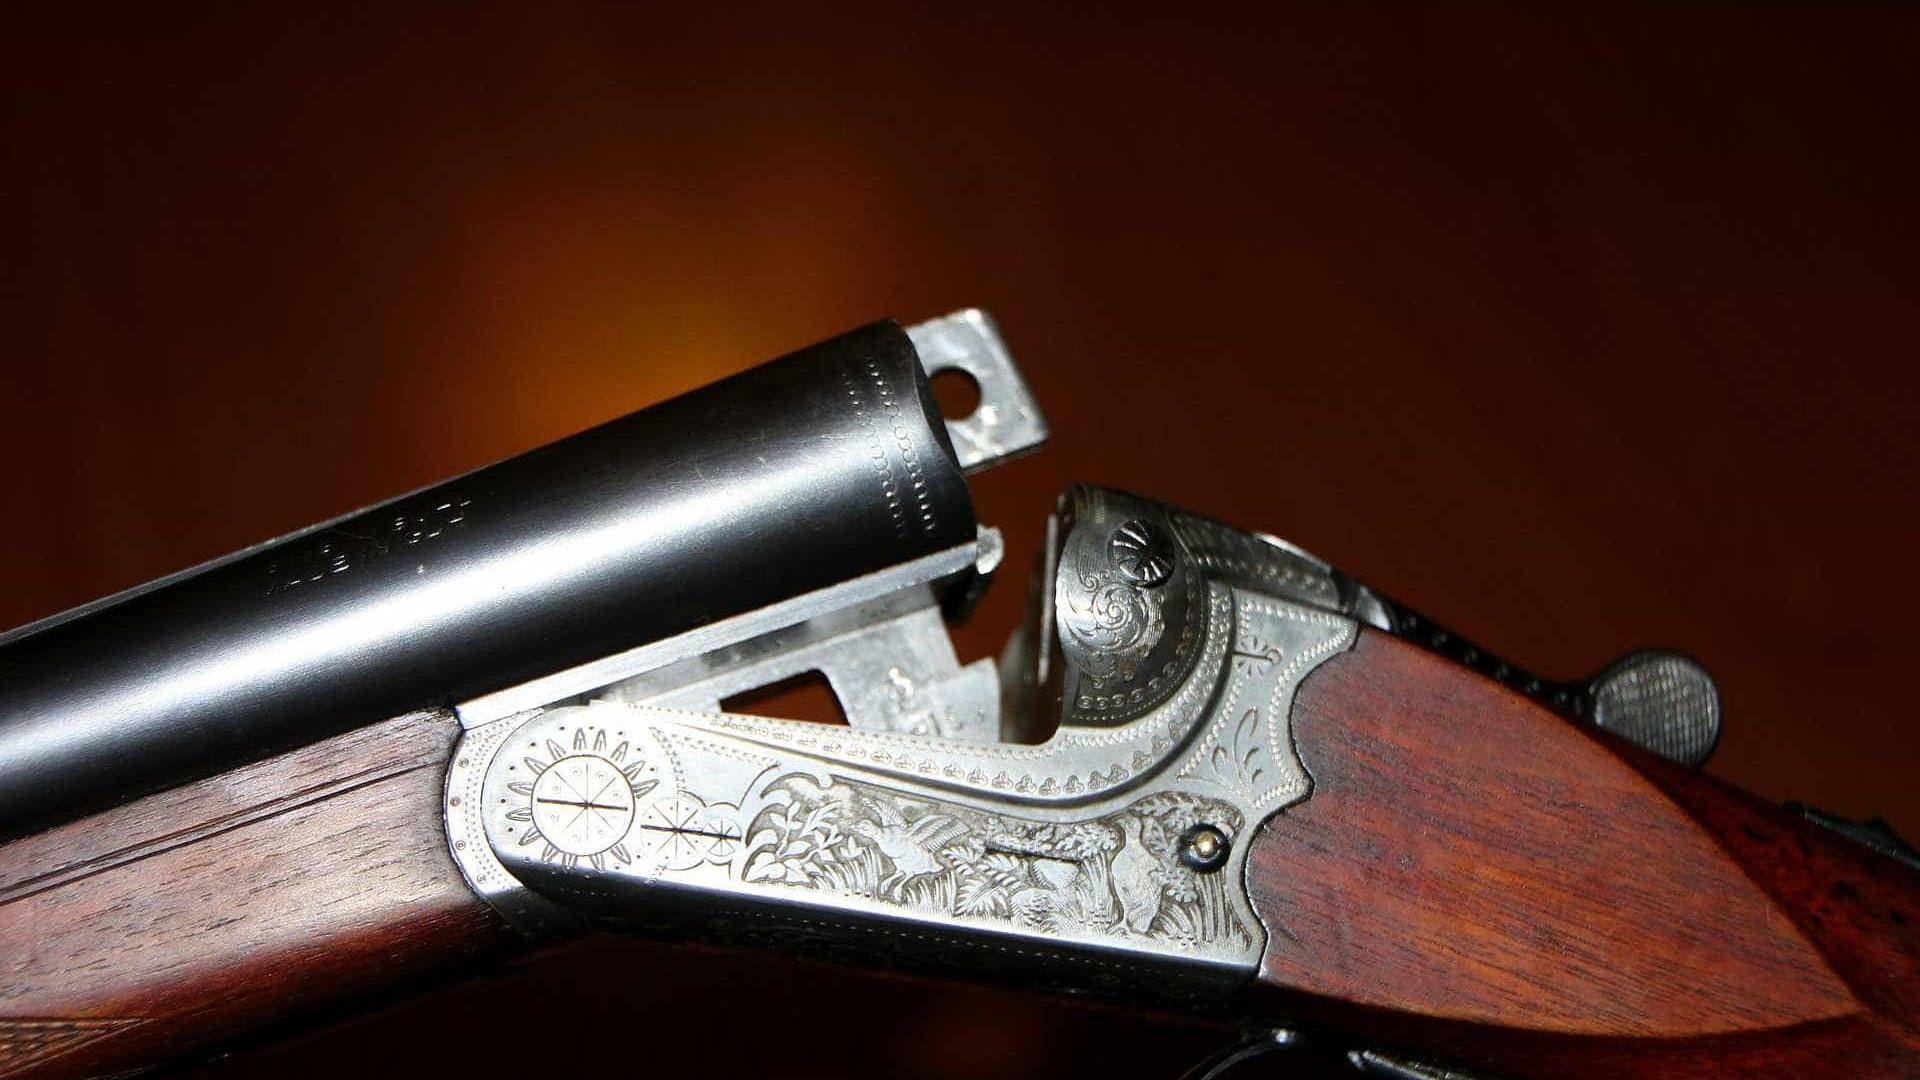 Adolescente atira no irmão de 5 anos enquanto brincavam com espingarda